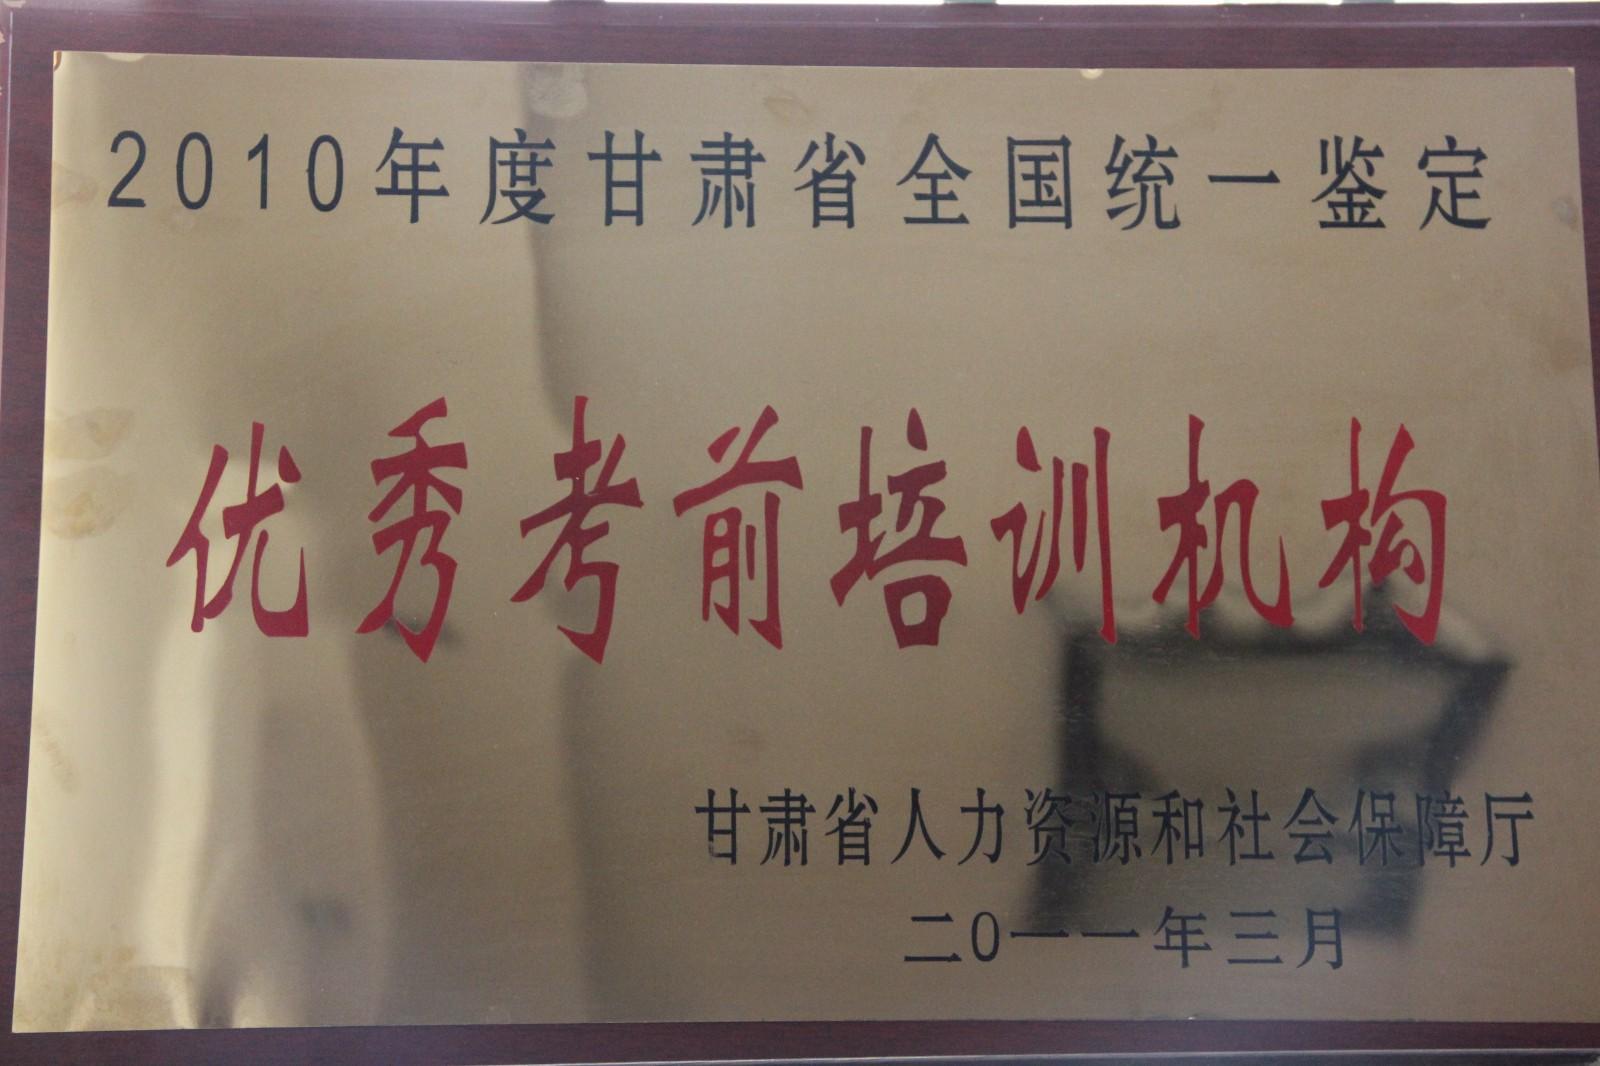 优秀考前培训机构铜牌.JPG